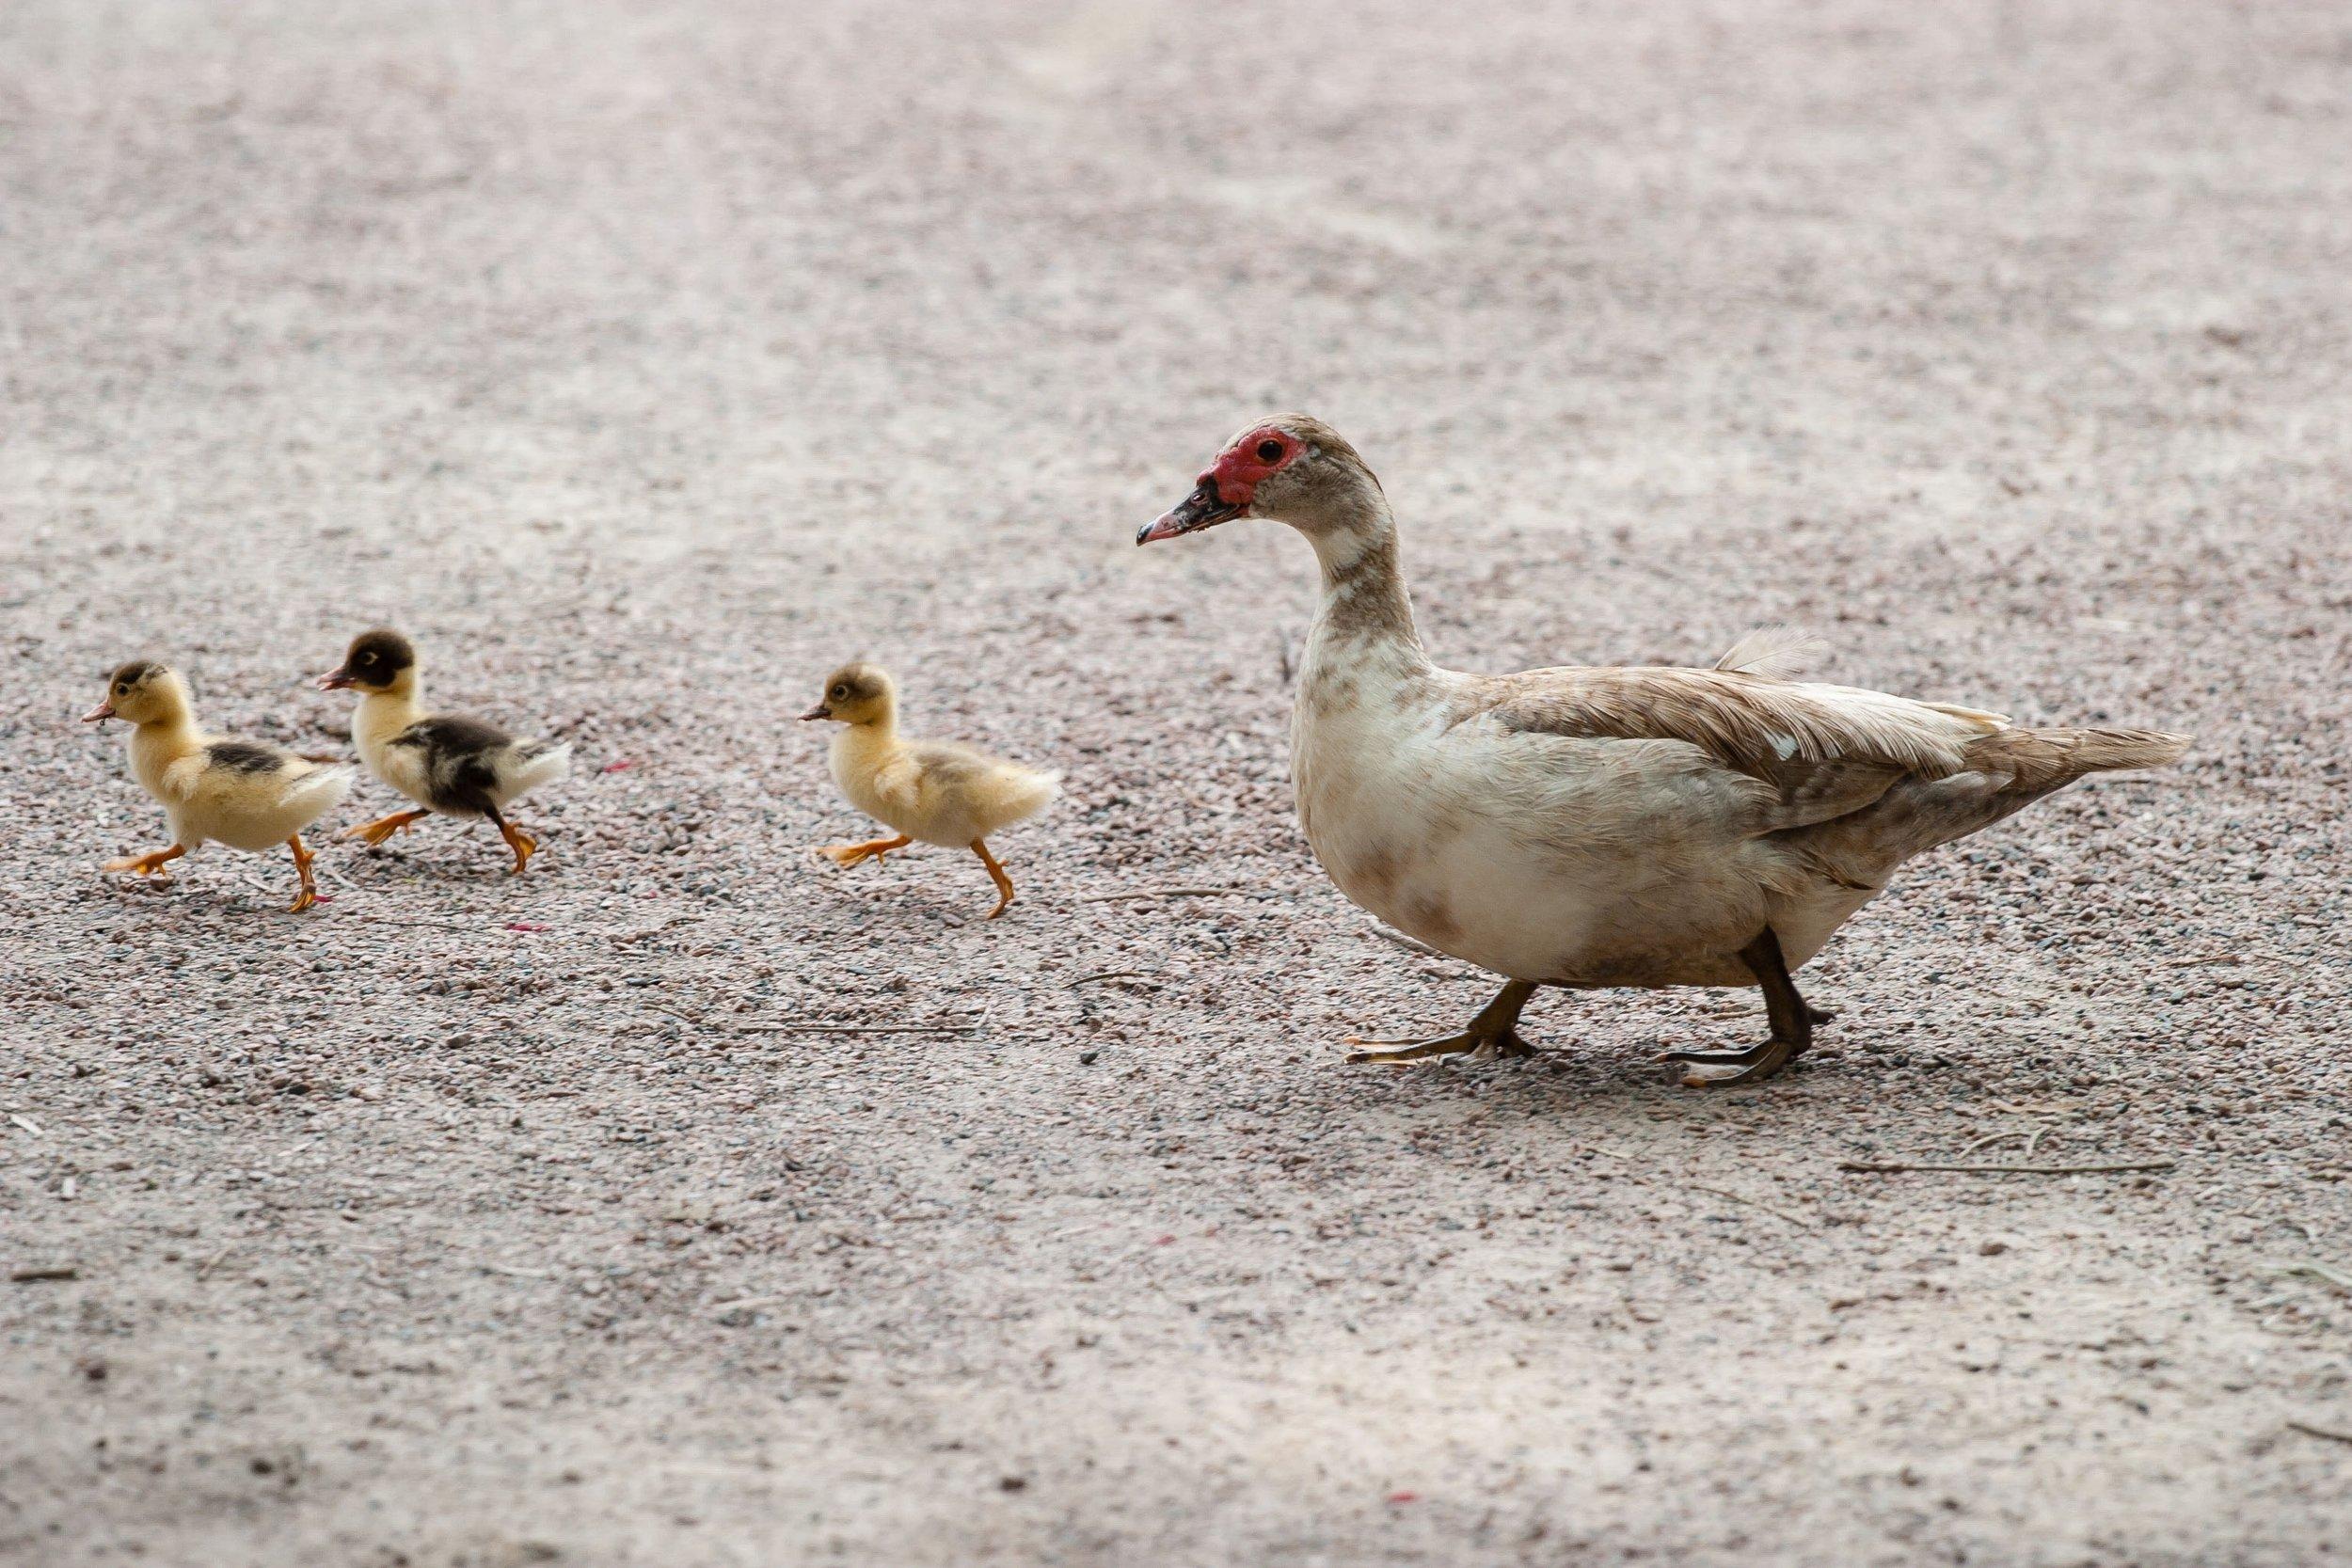 animals-cute-ducks-64225.jpg